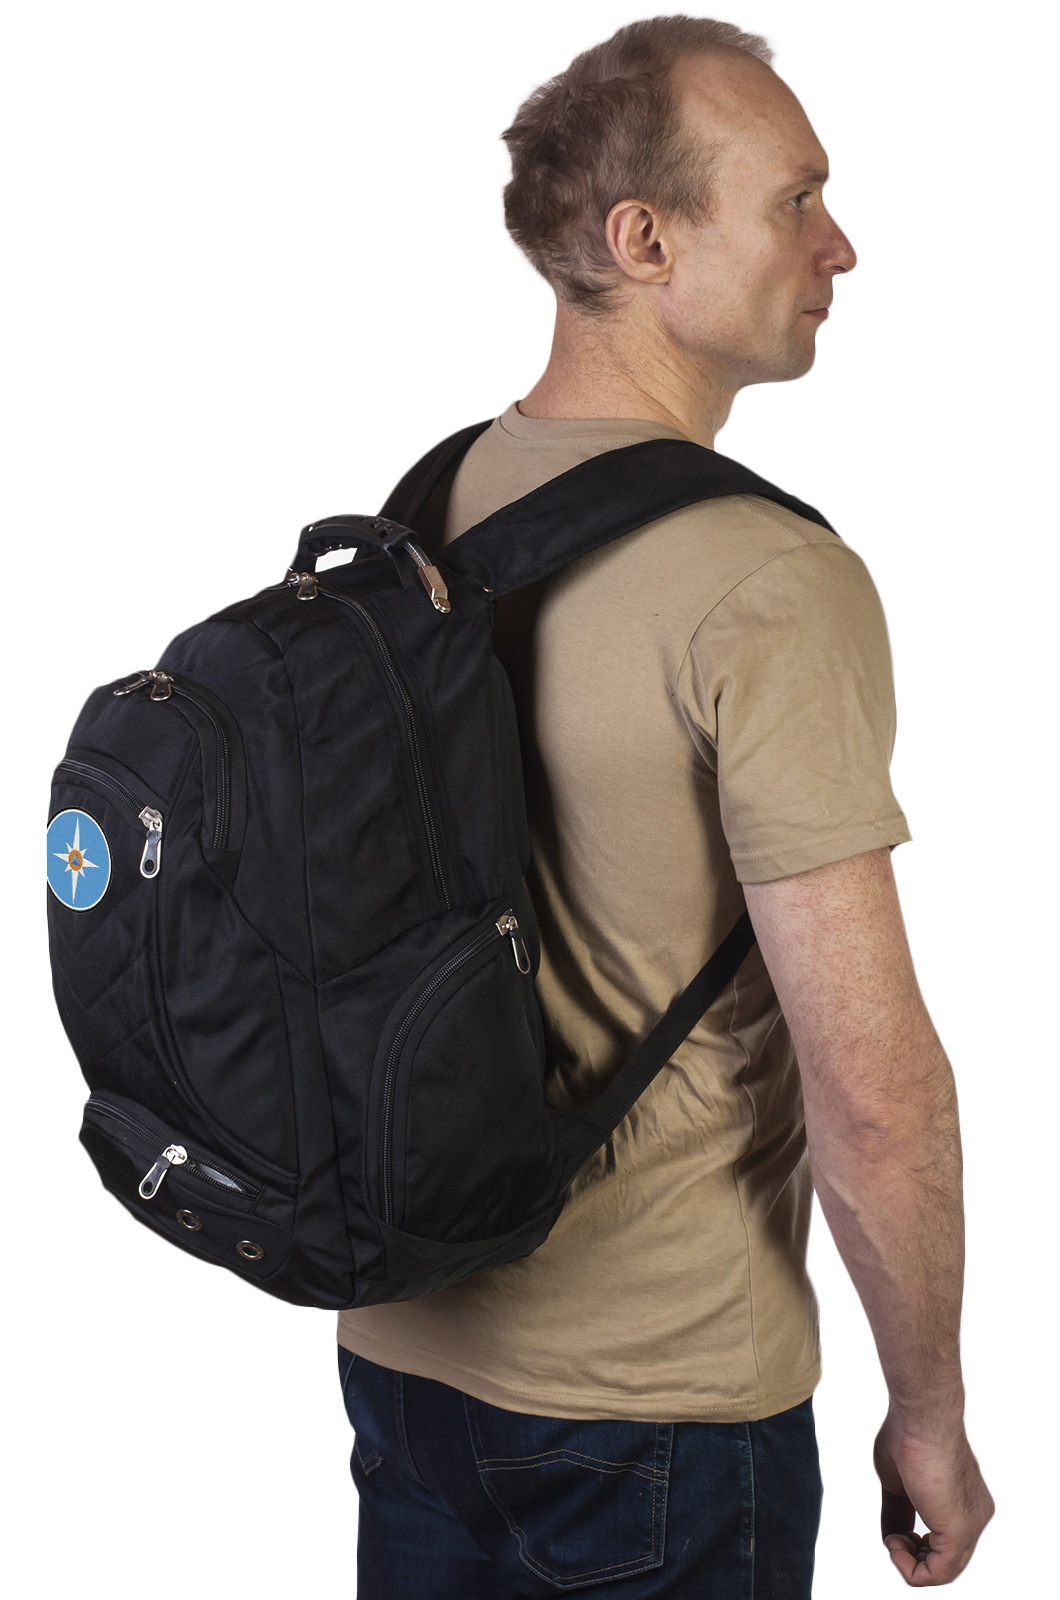 Заказать надежный городской рюкзак с эмблемой МЧС